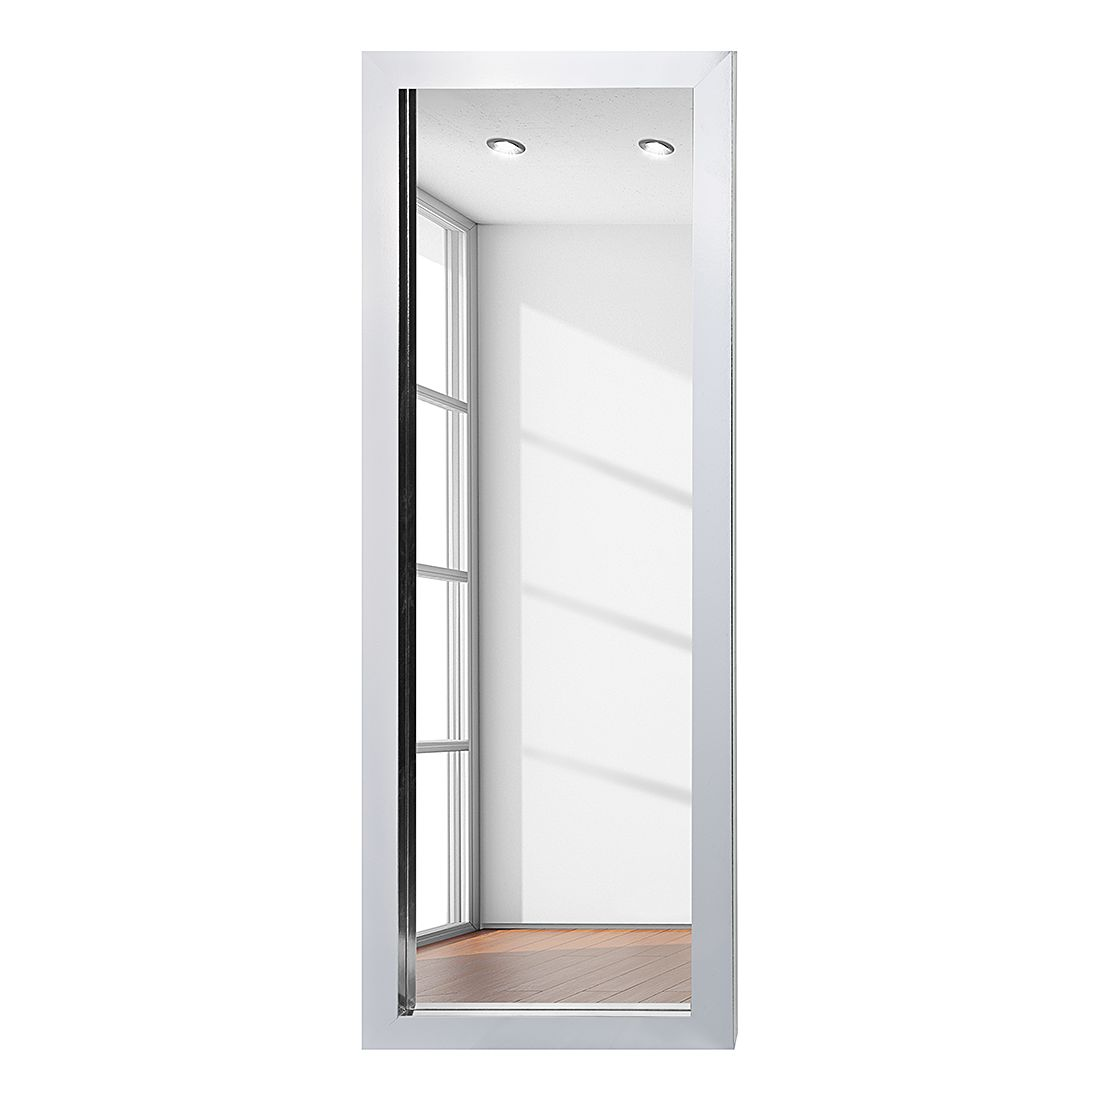 Spiegel Skön II – 38 x 128 cm – Chrom, roomscape online bestellen